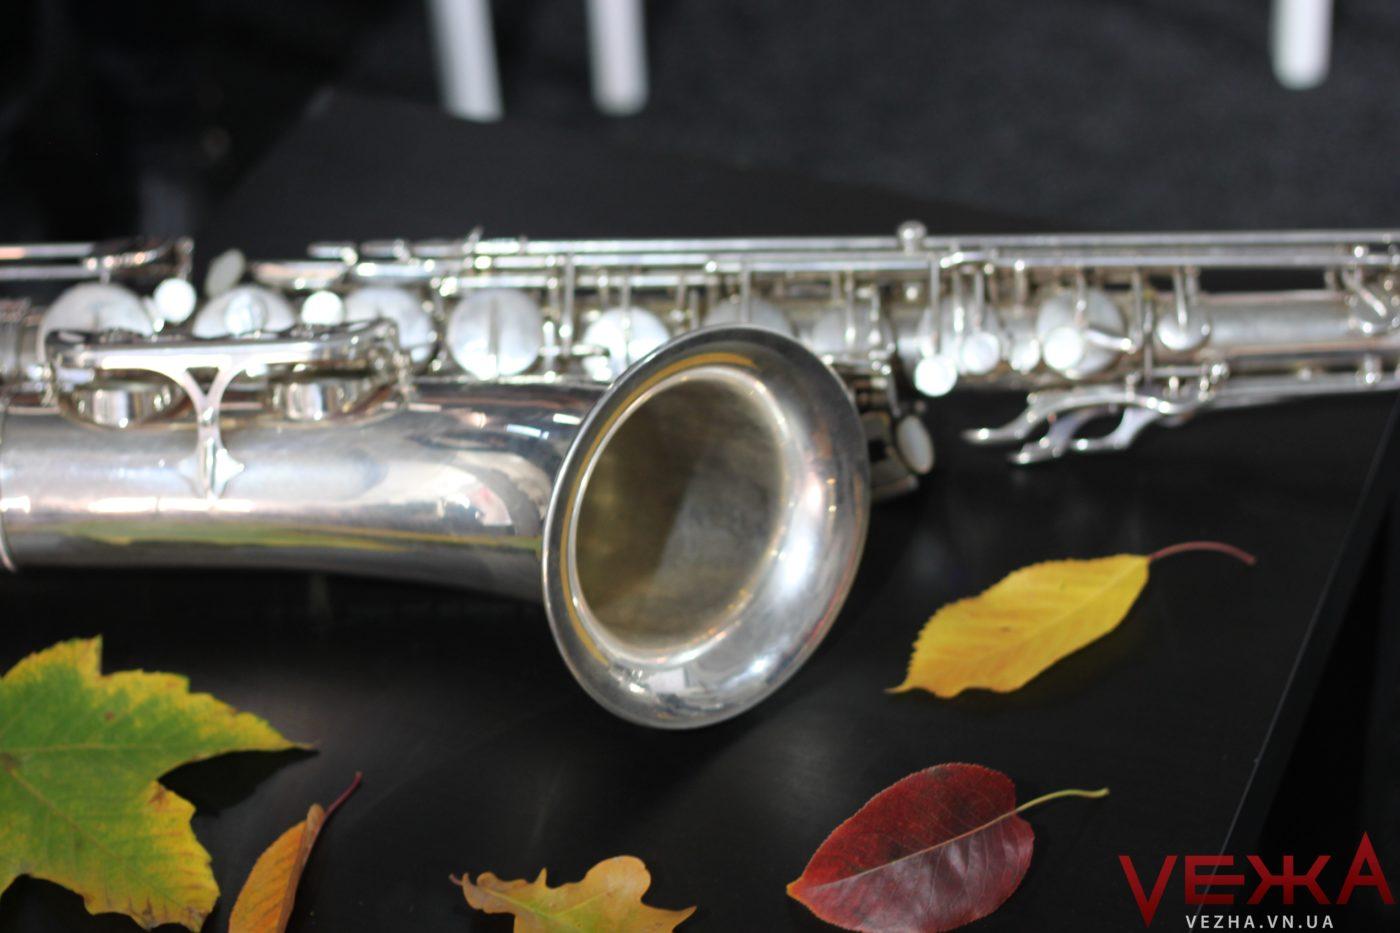 П'ять днів саксофону: у Вінниці вчетверте відбудеться Adolphe Sax Festival. ПРОГРАМА